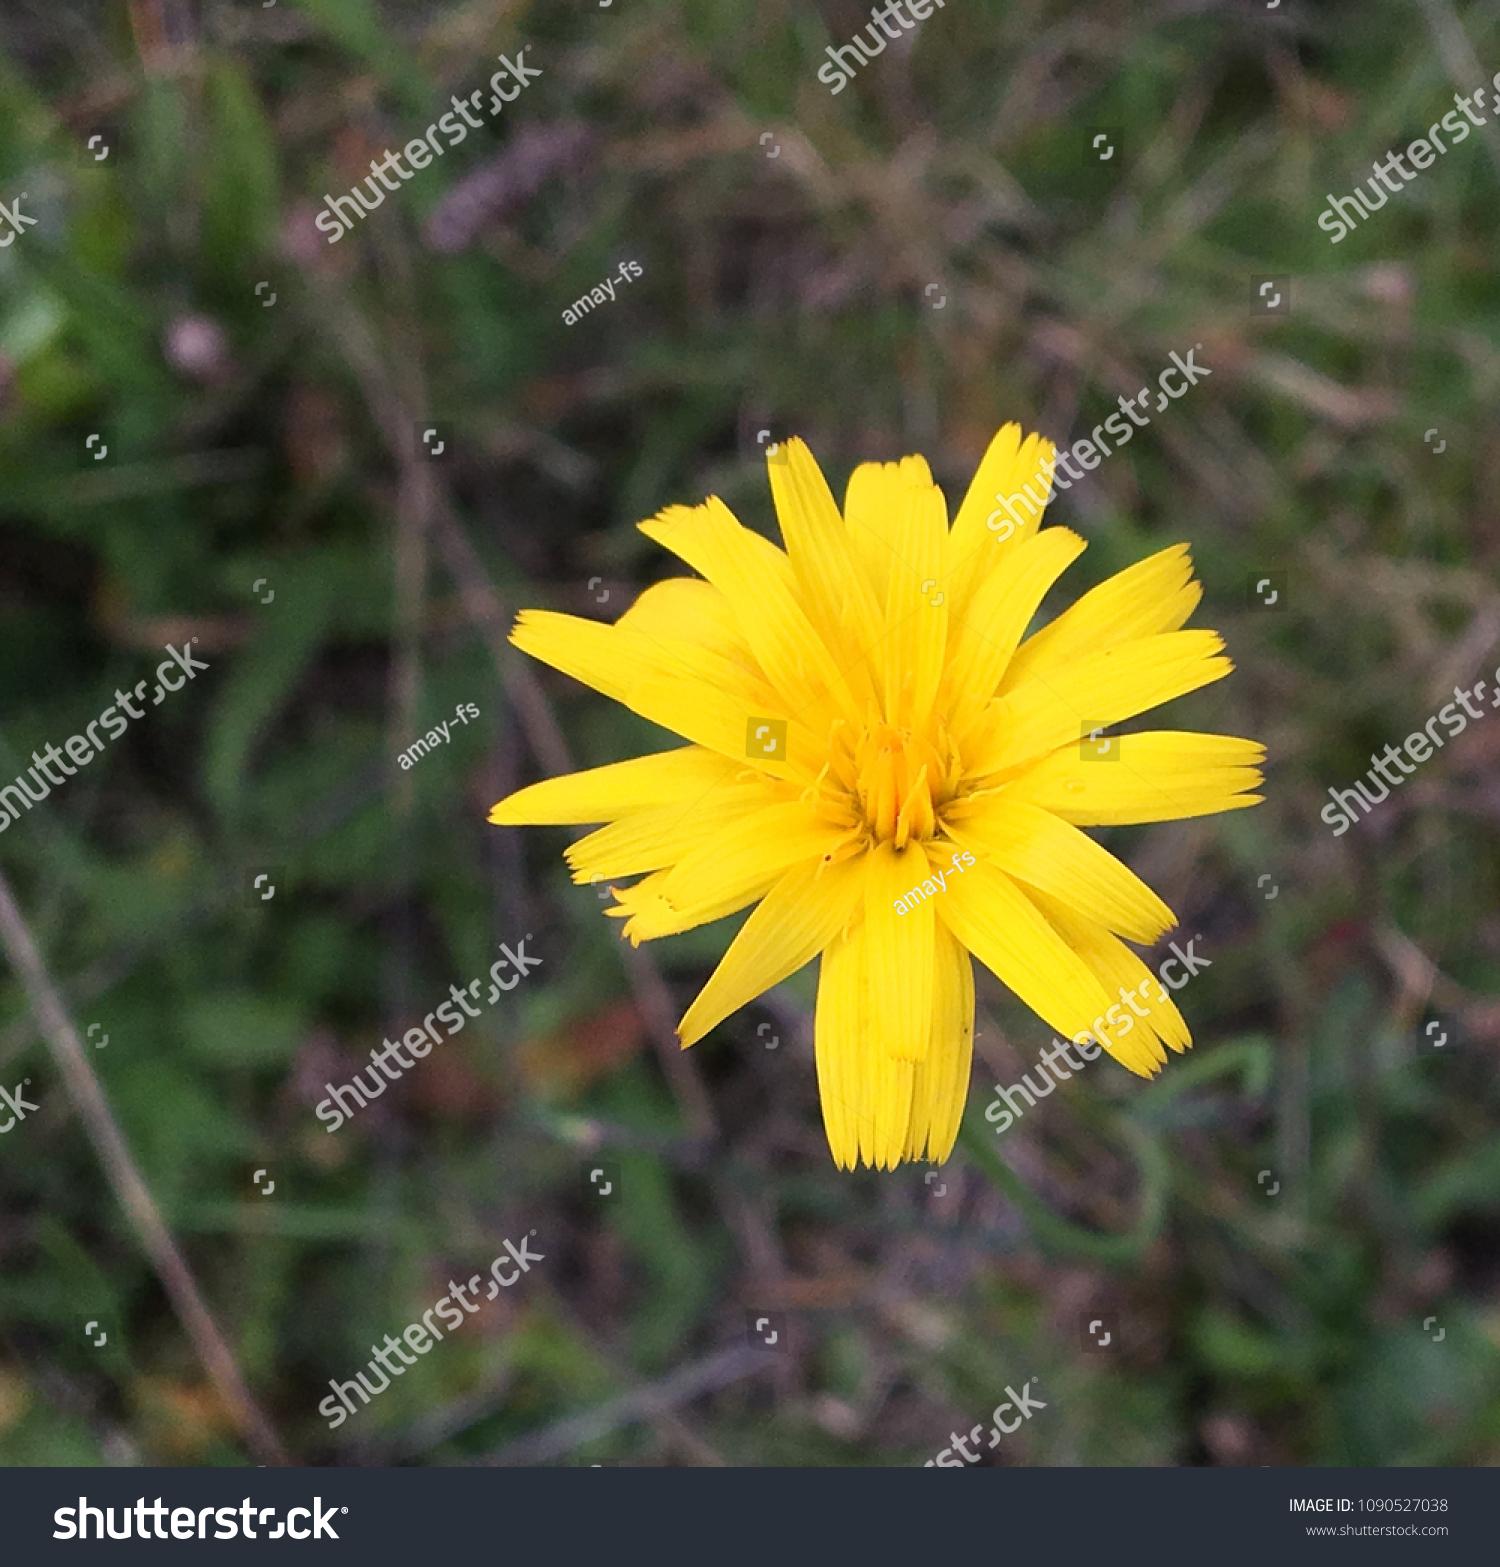 Yellow Flower Leontodon Autumnalis Perennial Blooms Stock Photo